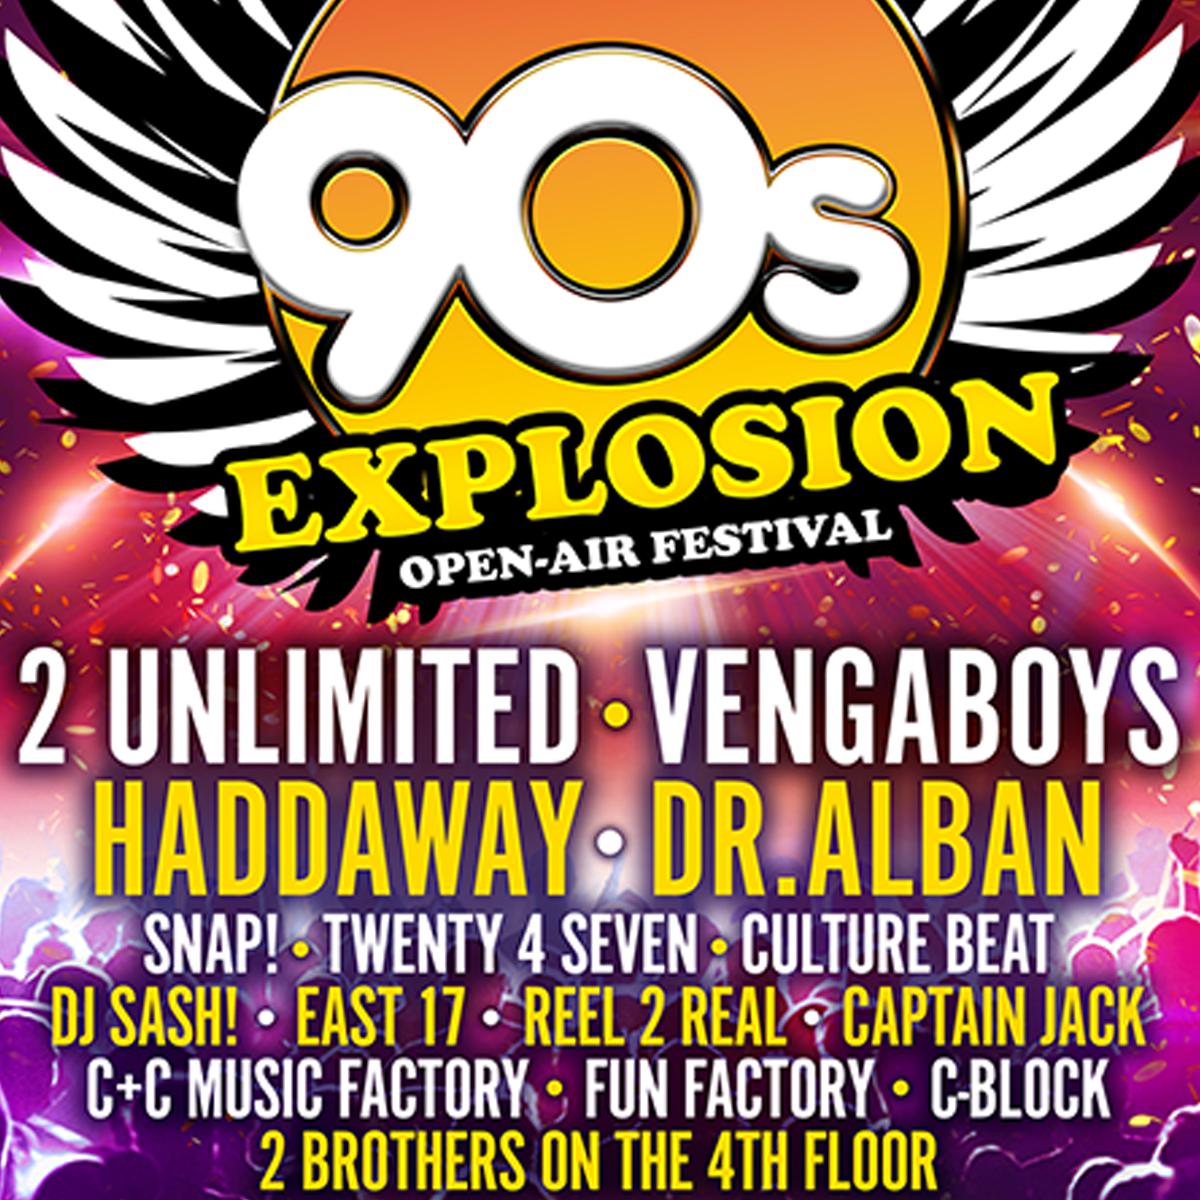 90s EXPLOSION OPEN-AIR FESTIVAL BRNO 2019<br><b><font color=red>PRODEJ VSTUPENEK POUZE NA MÍSTĚ</font></b>